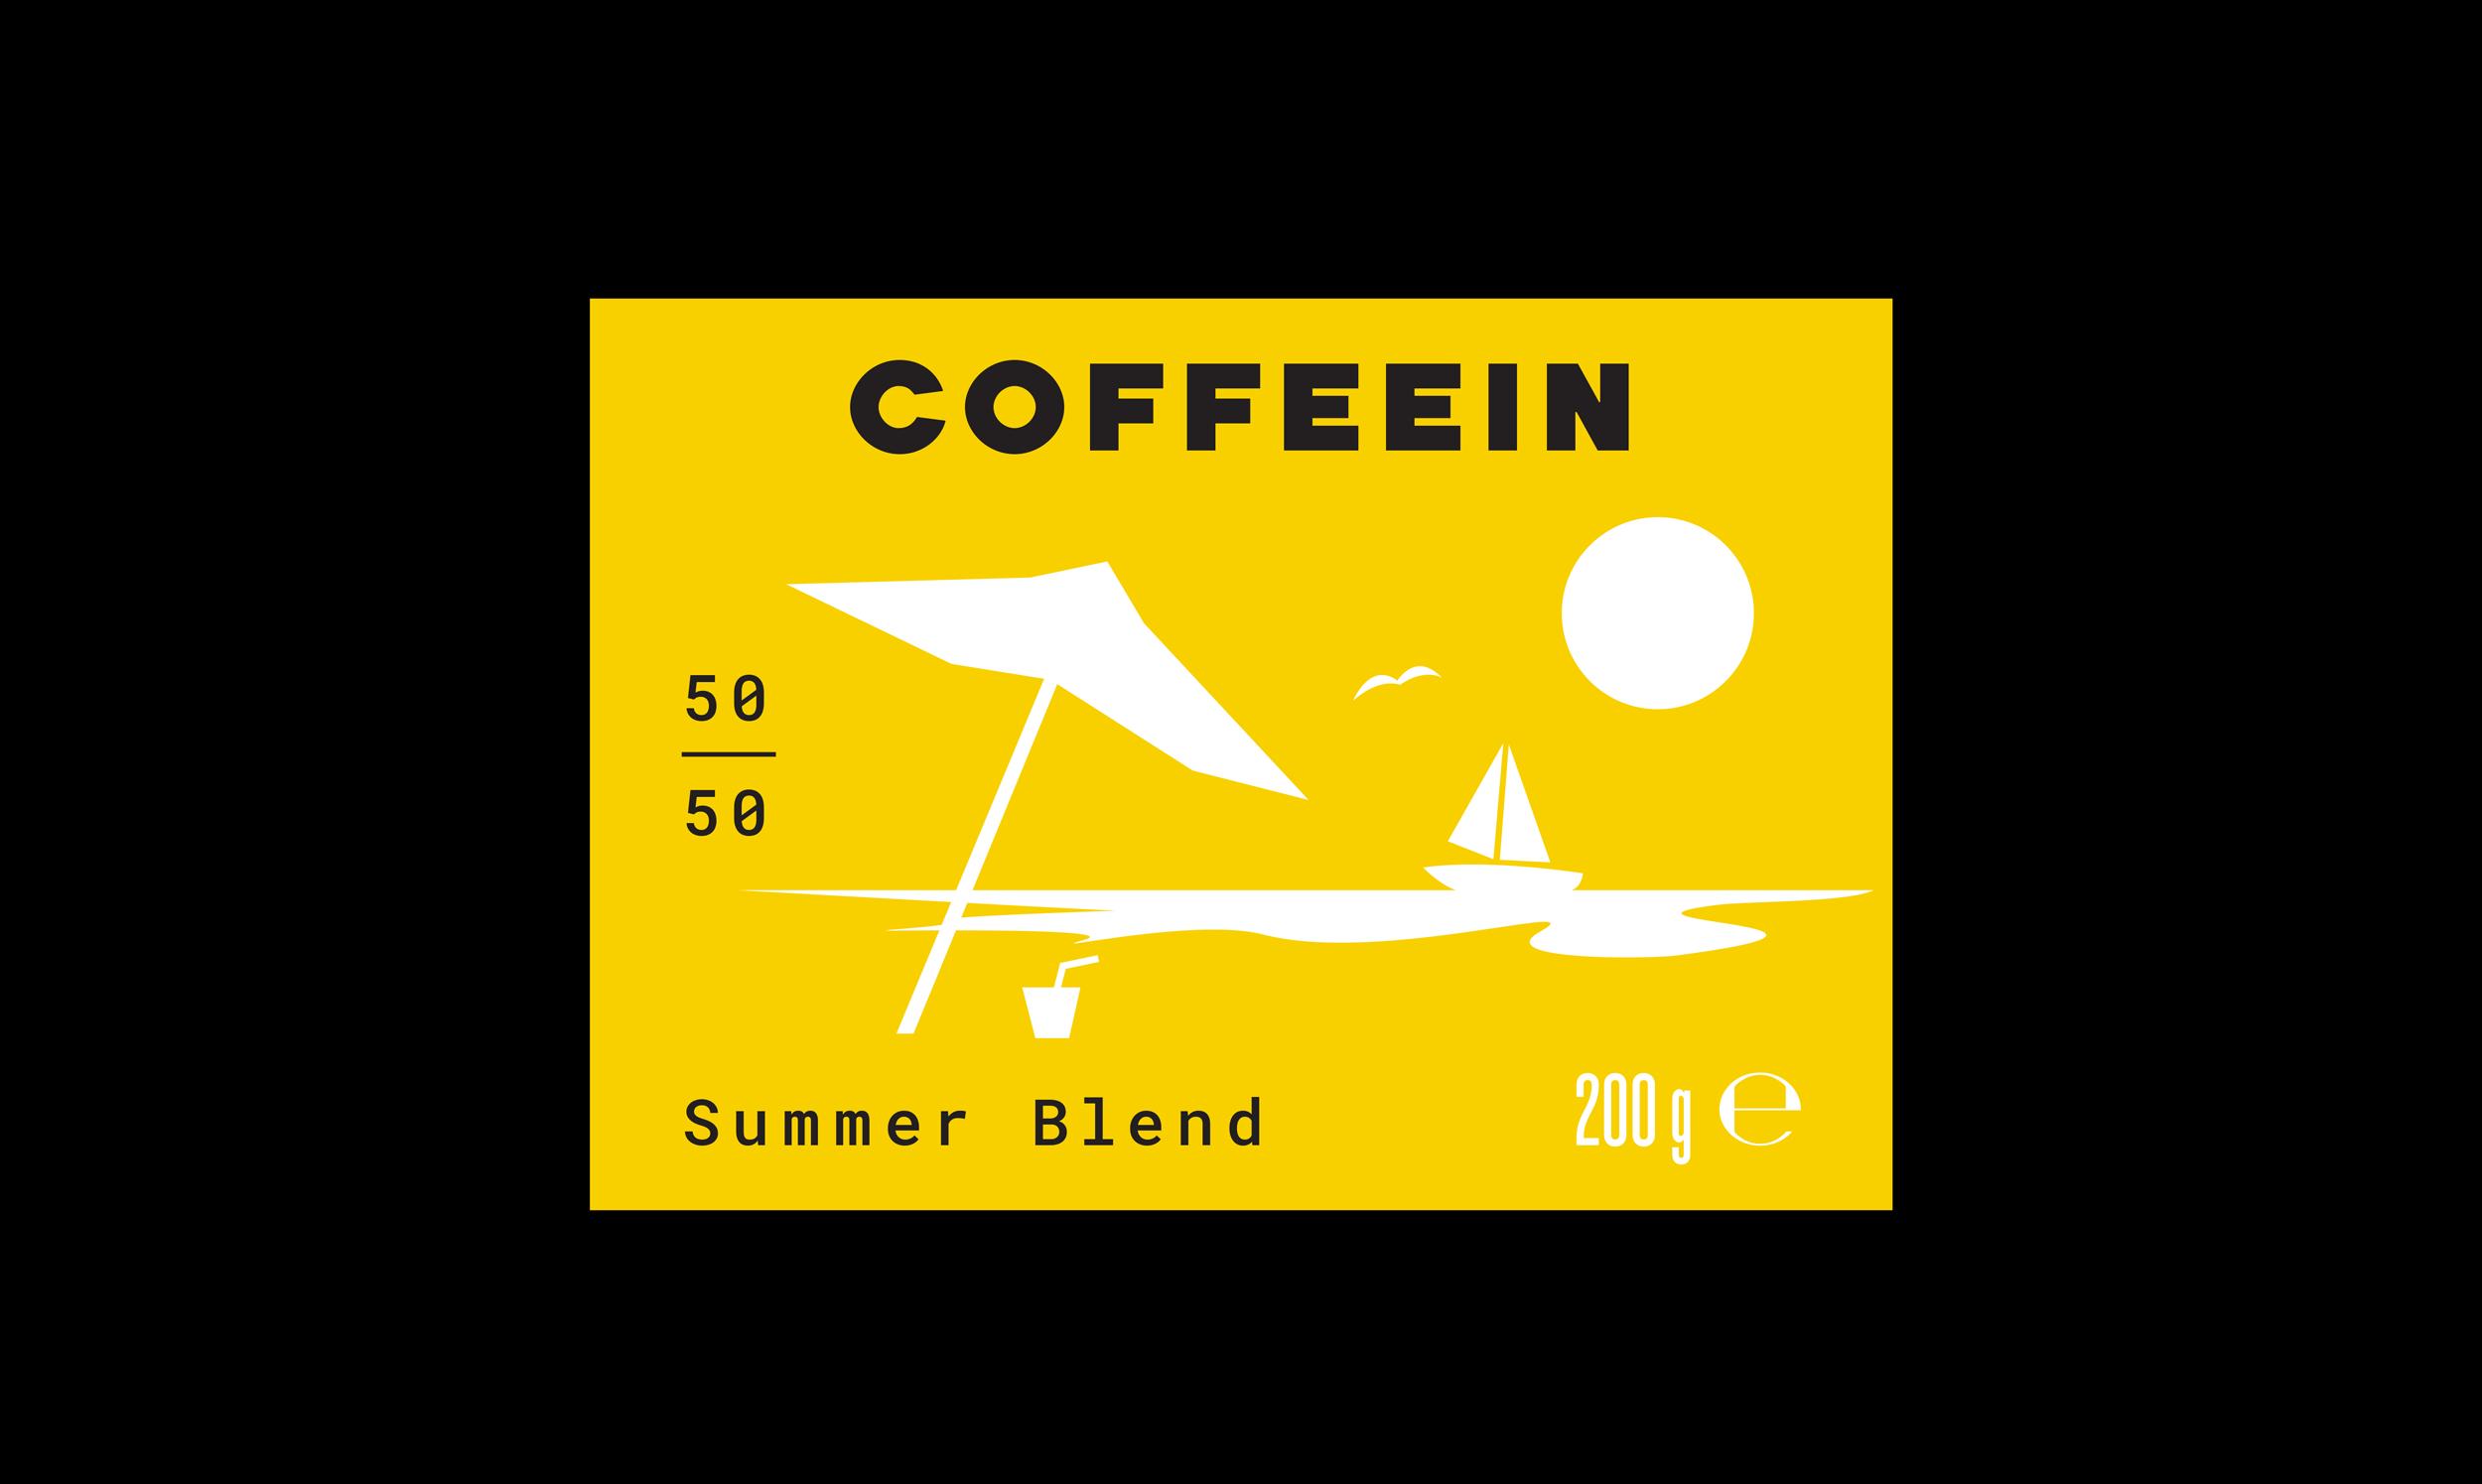 COFFEEIN_1_7_EDIT_2